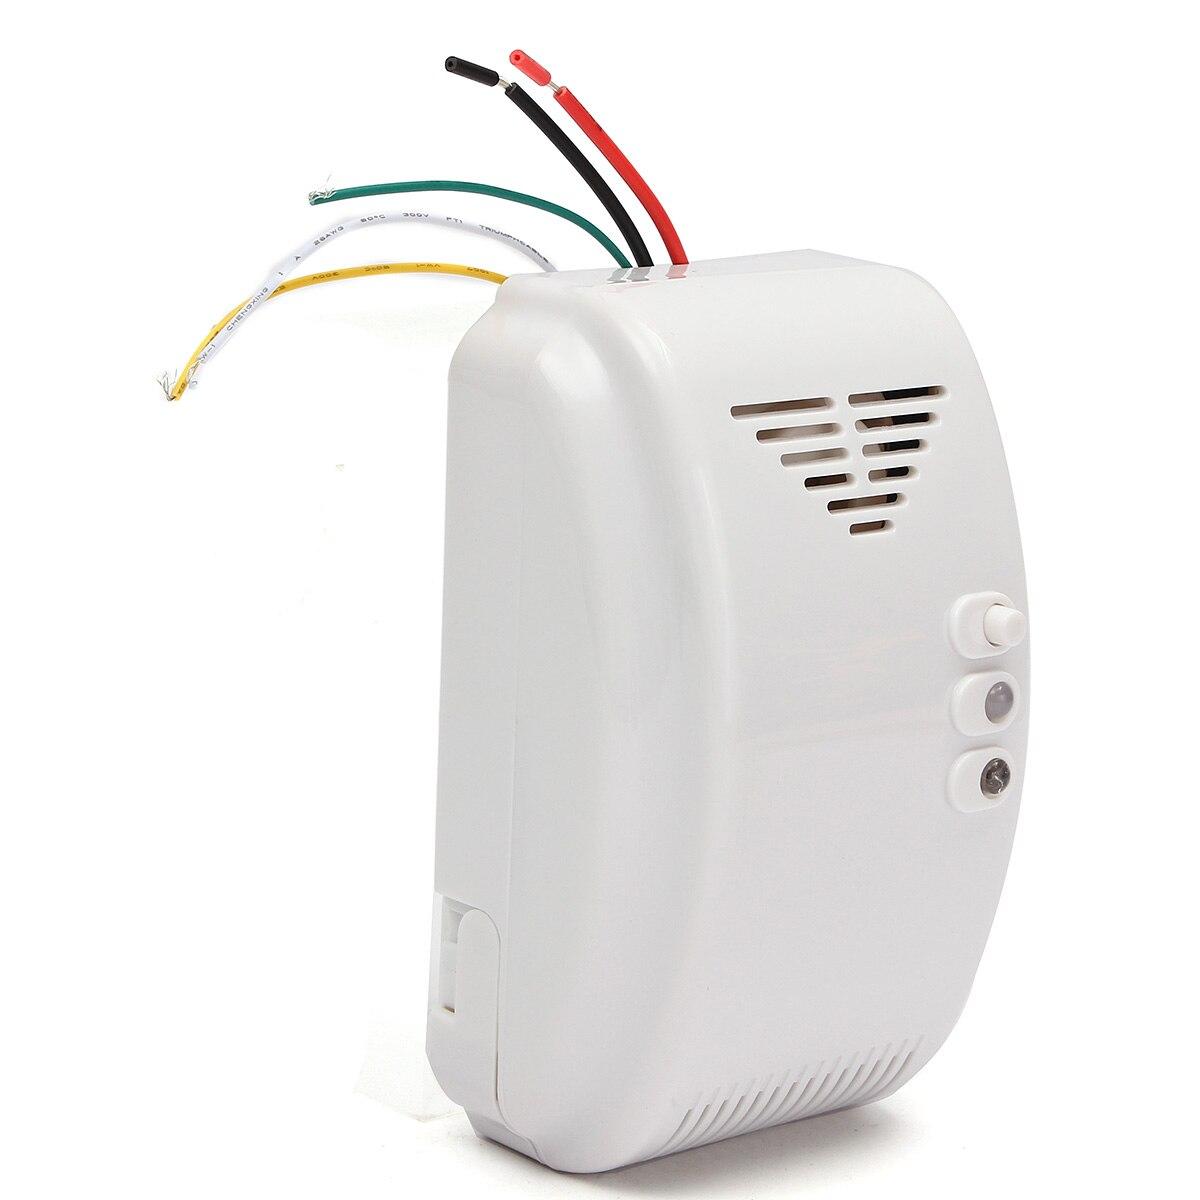 NEUE 12 V Gas Detektor Sensor Alarm Propan Butan LPG Erdgas Wohnmobil Für Zuhause Alarmanlage Sicherheit